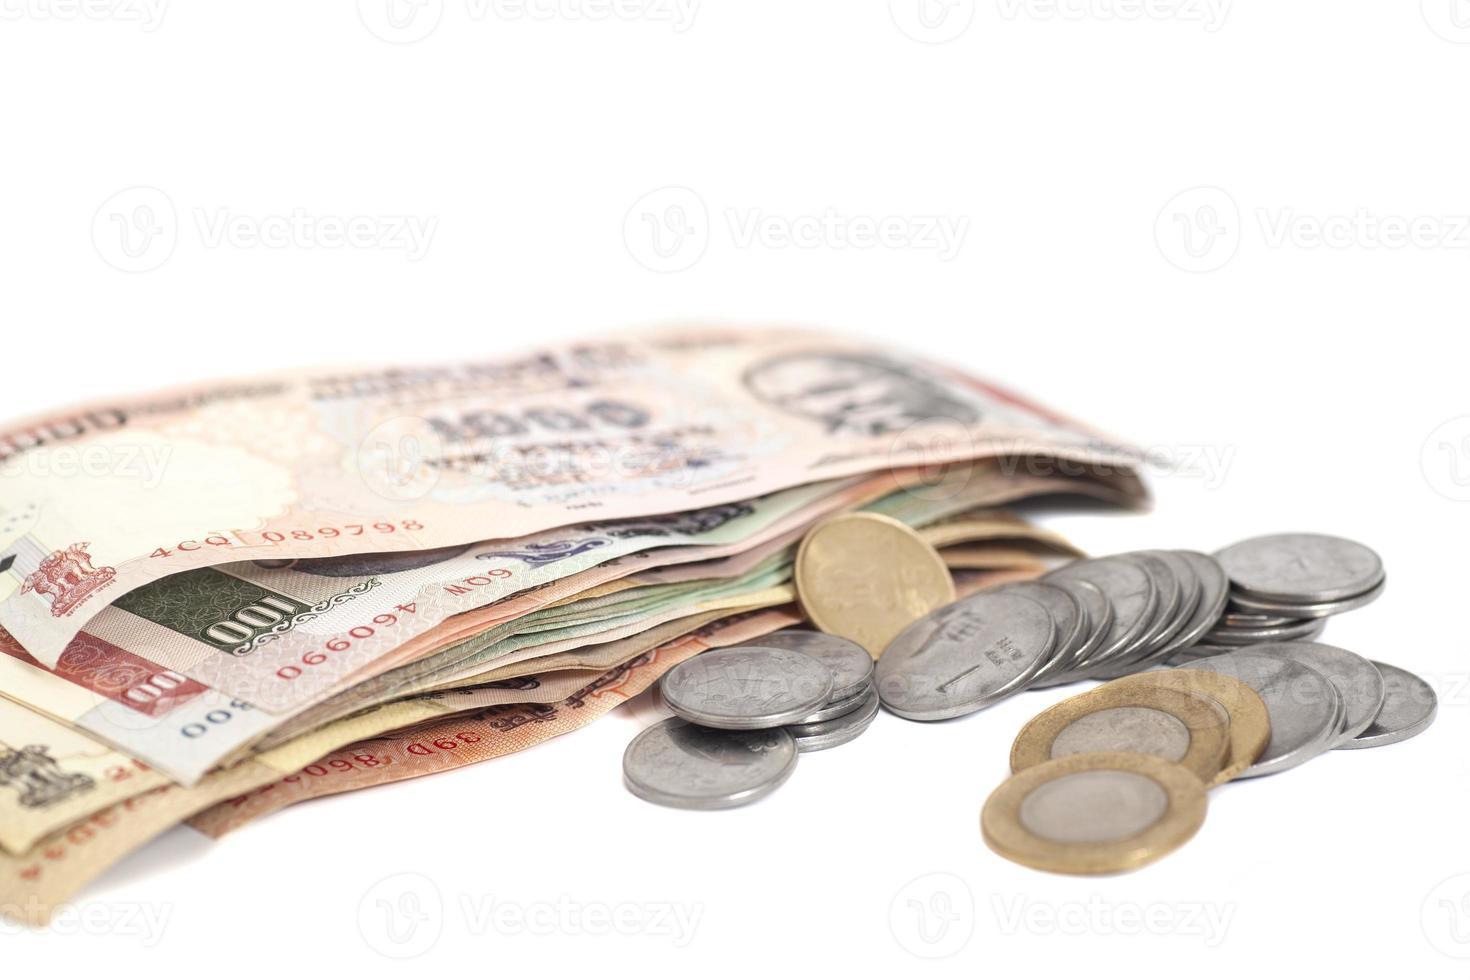 Indiase valuta roepie biljetten en munten foto